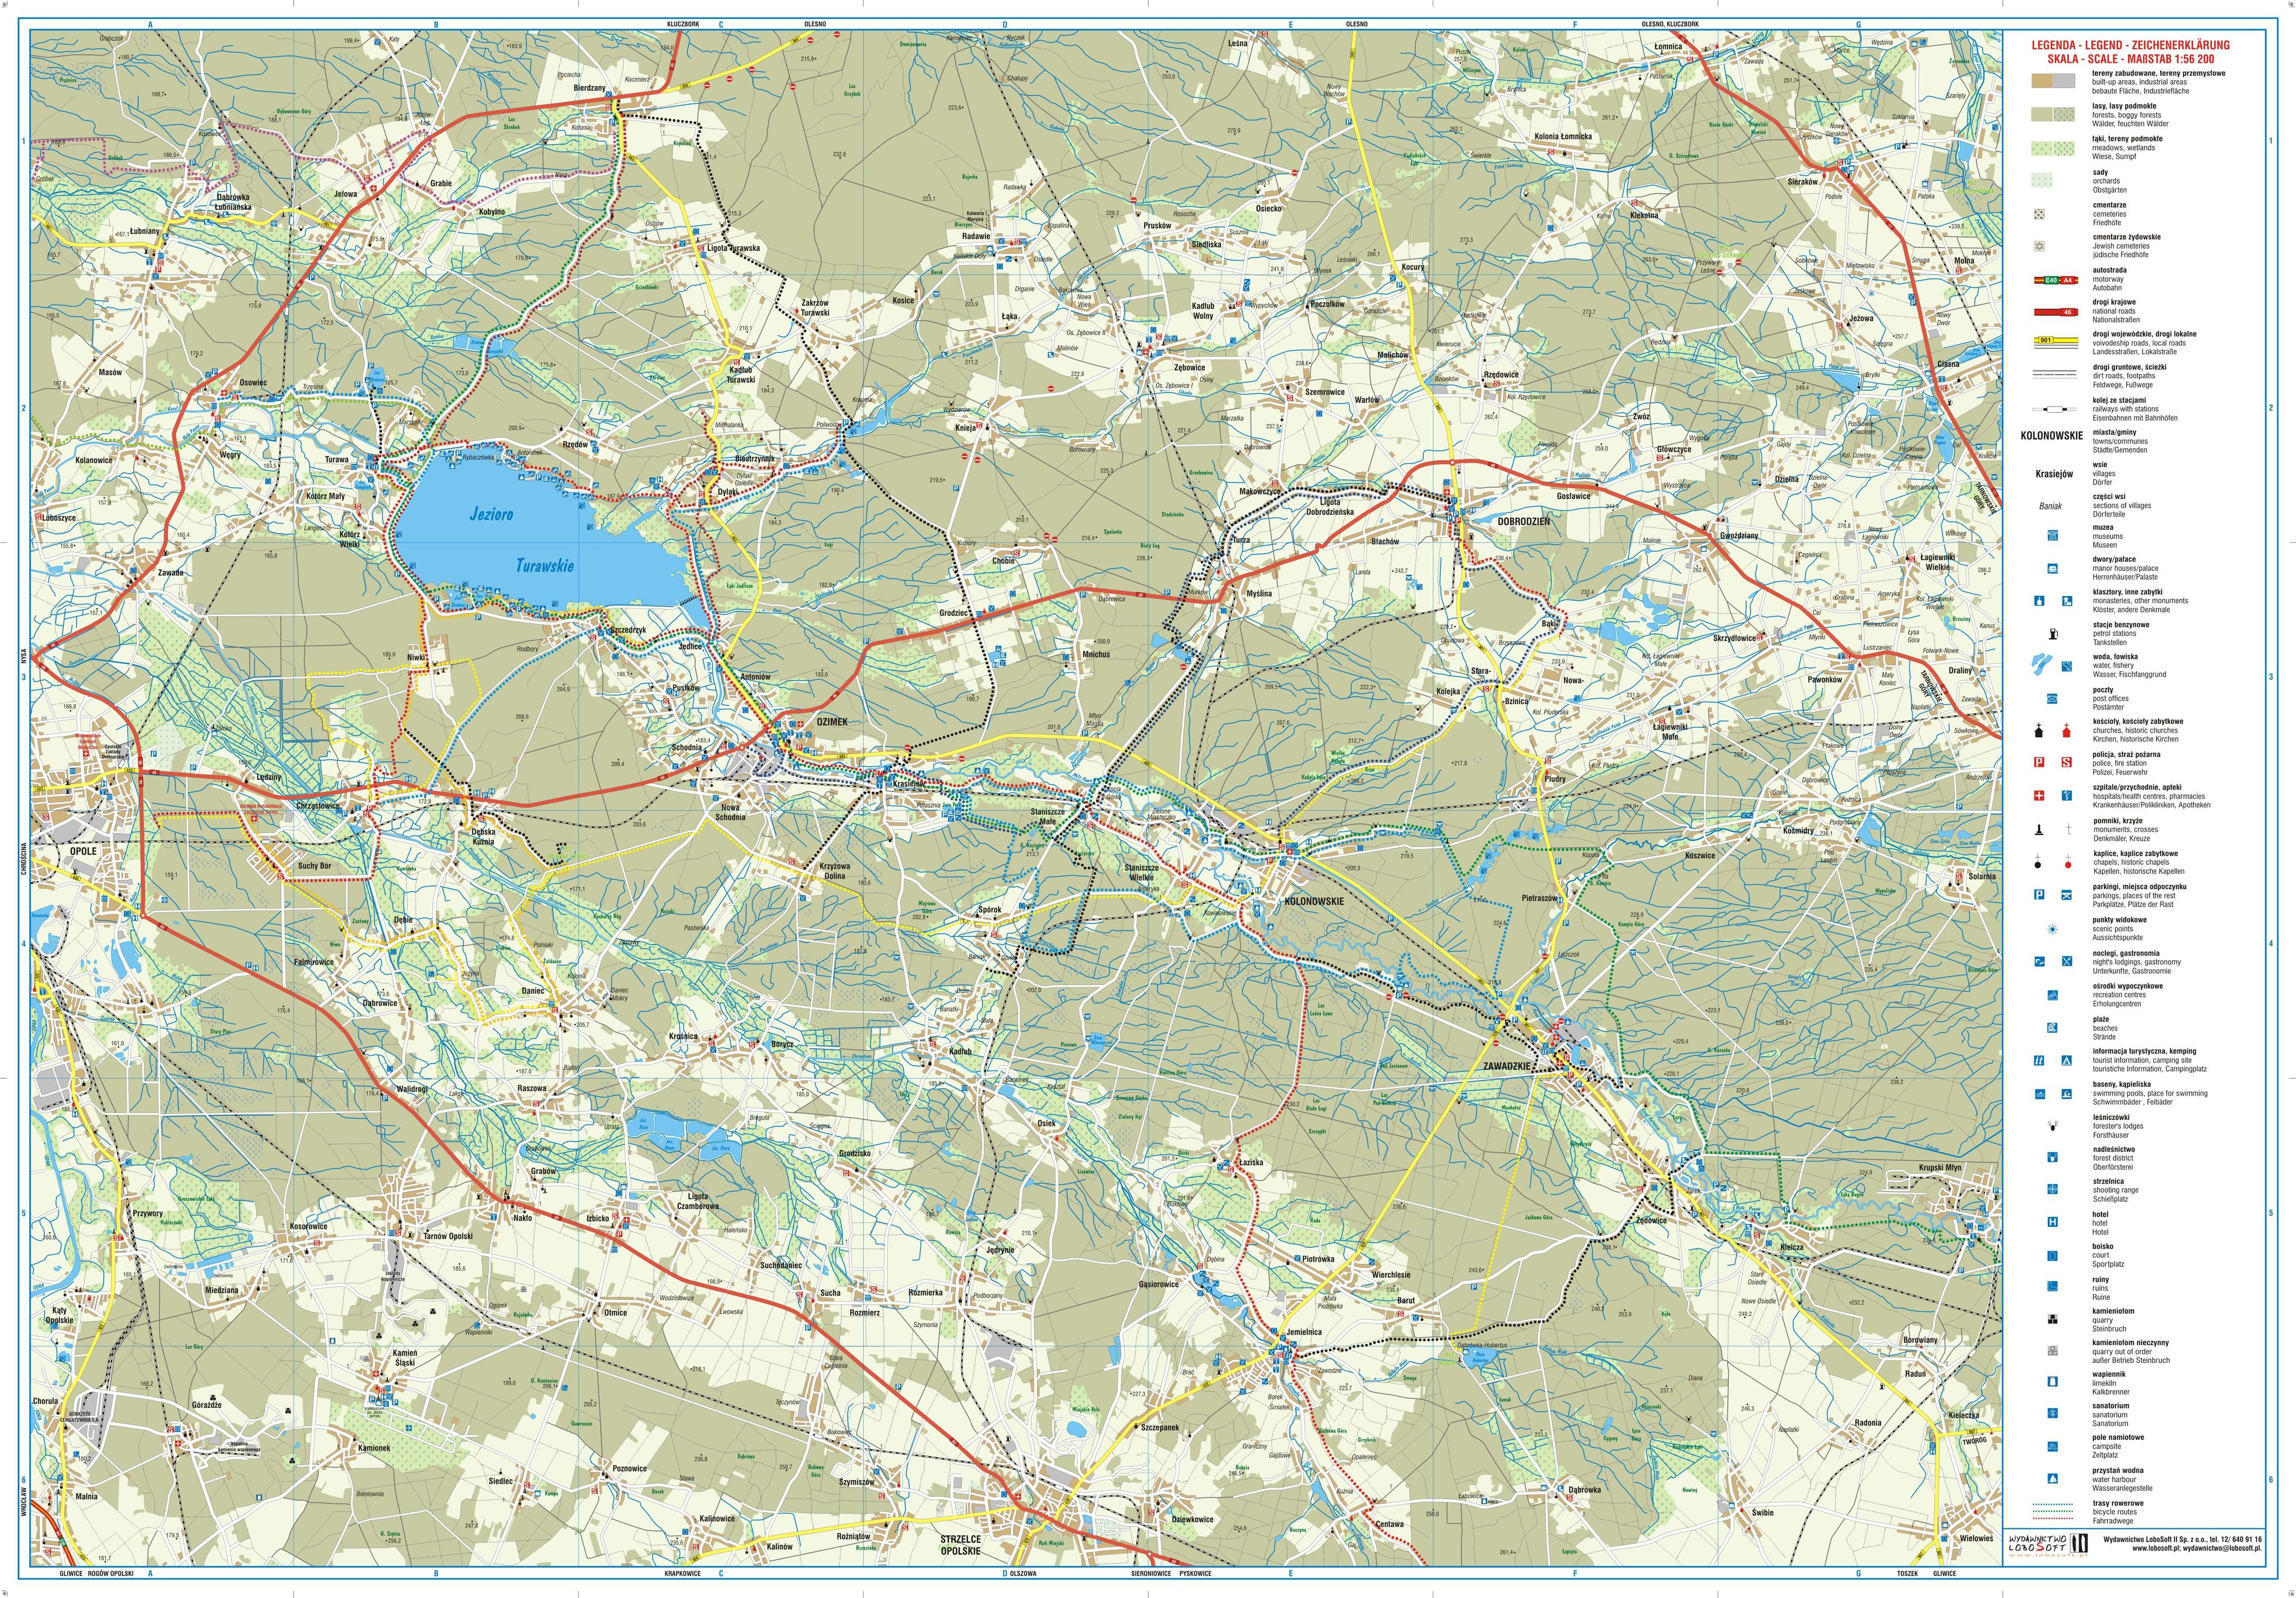 Mapa turystyczna Kolonowskie str. 1 - pobierz w wysokiej rozdzielczości